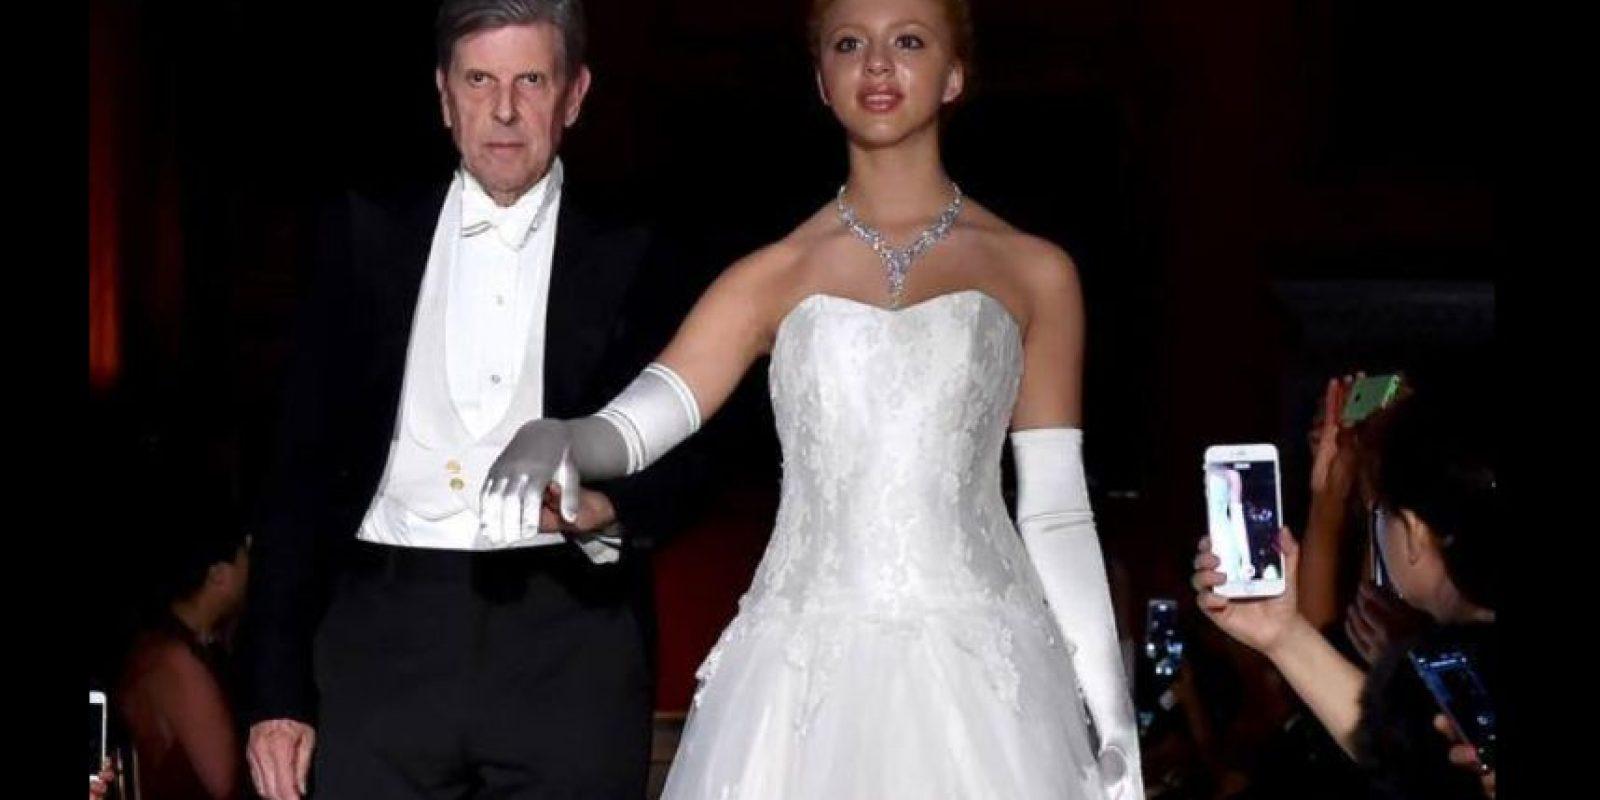 Es descendiente del extenista Boris Becker Foto:Getty Images